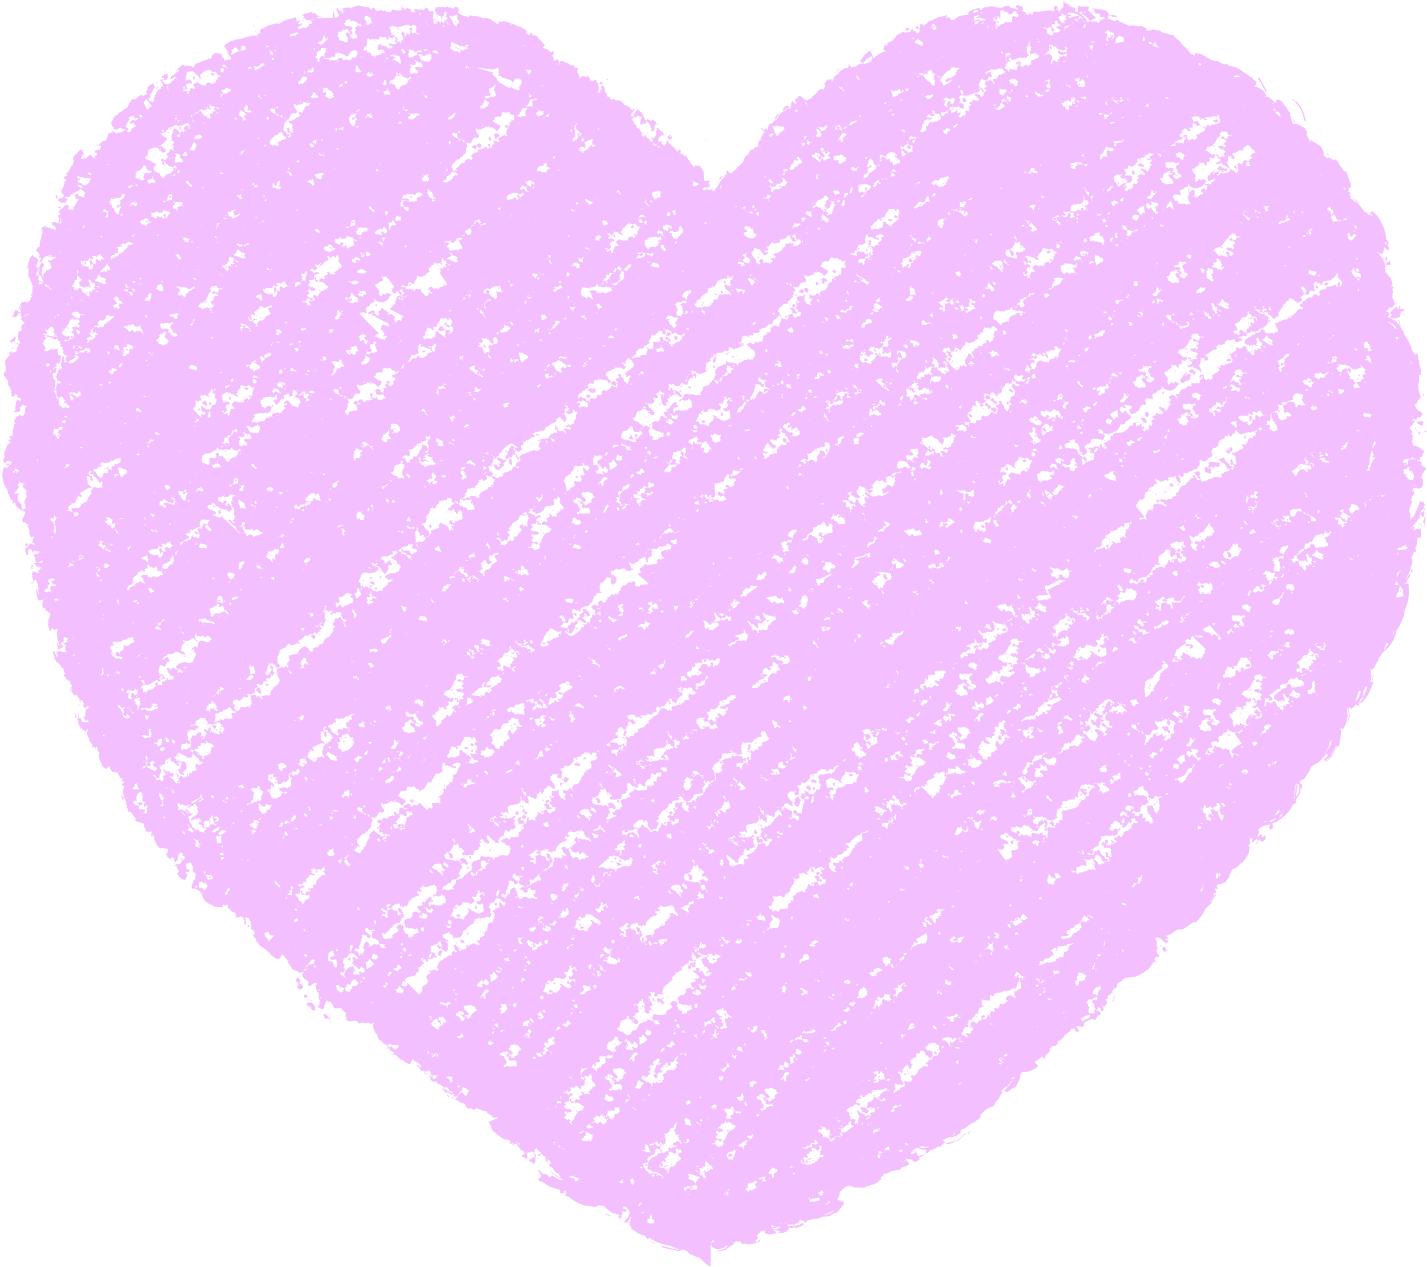 クレヨン塗り背景 パステル 紫色 新(パープル)ハートのイラスト heart_purple